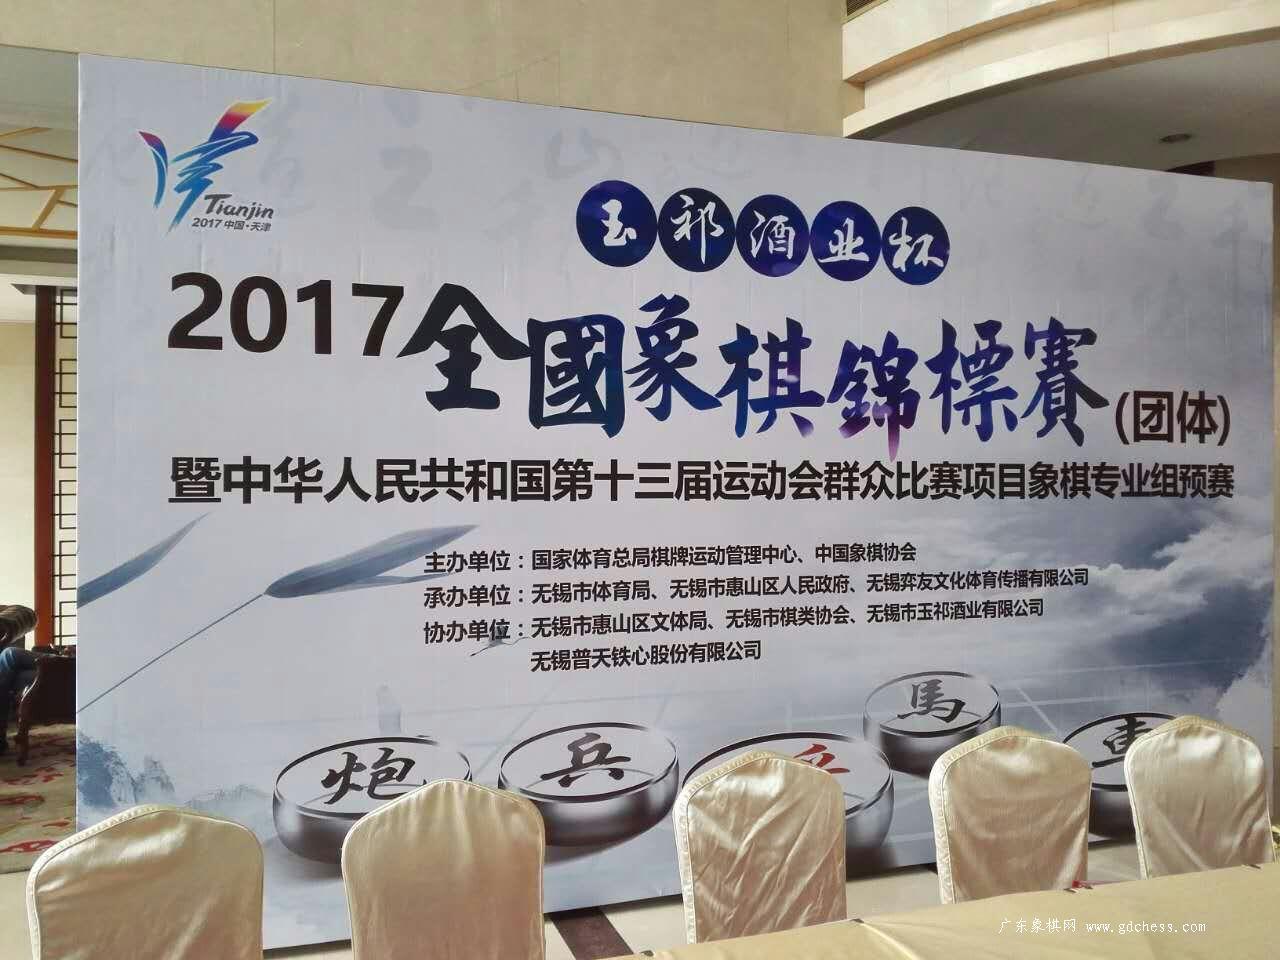 2017全国象棋锦标赛(团体)暨第十三届全运会象棋预赛开赛